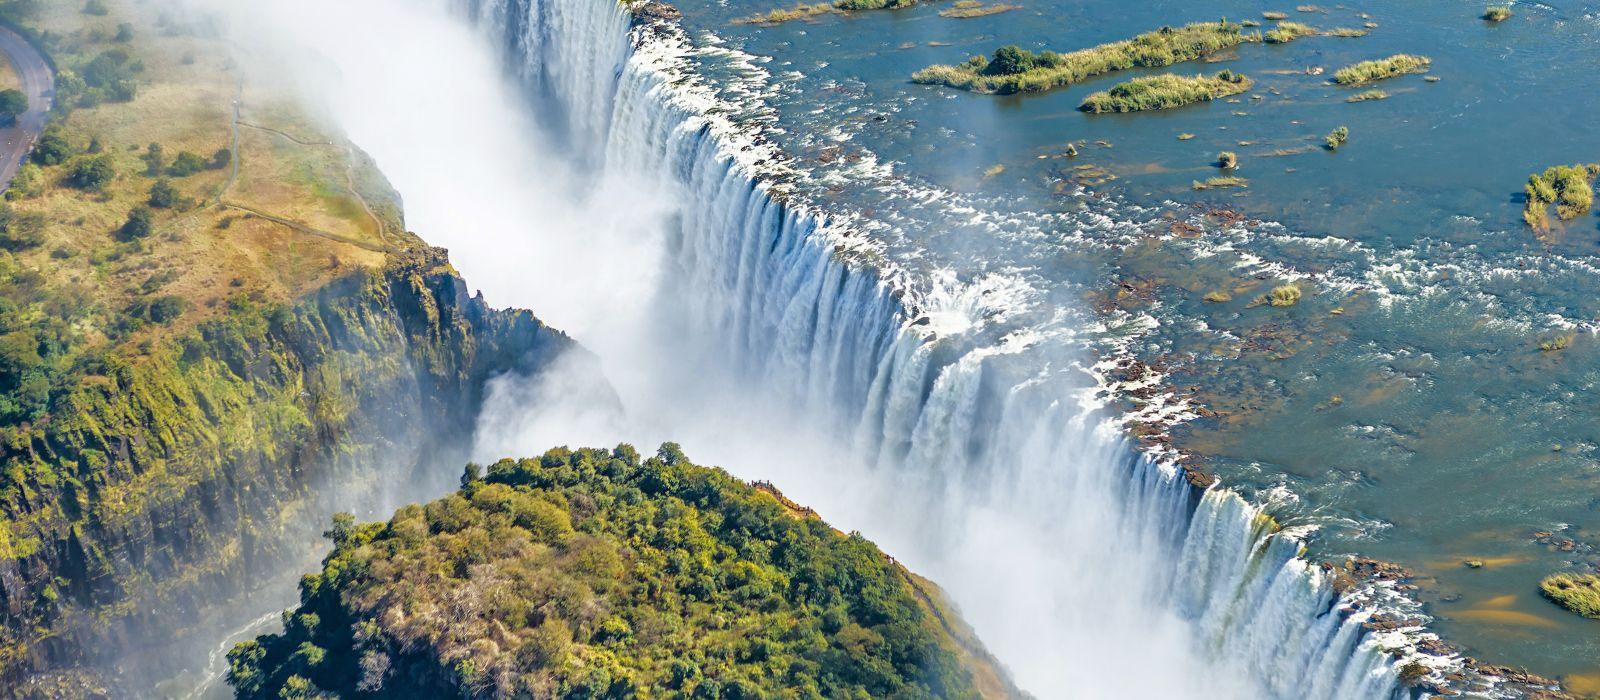 Klassische Safari Reise: Simbabwe & Botswana Urlaub 3